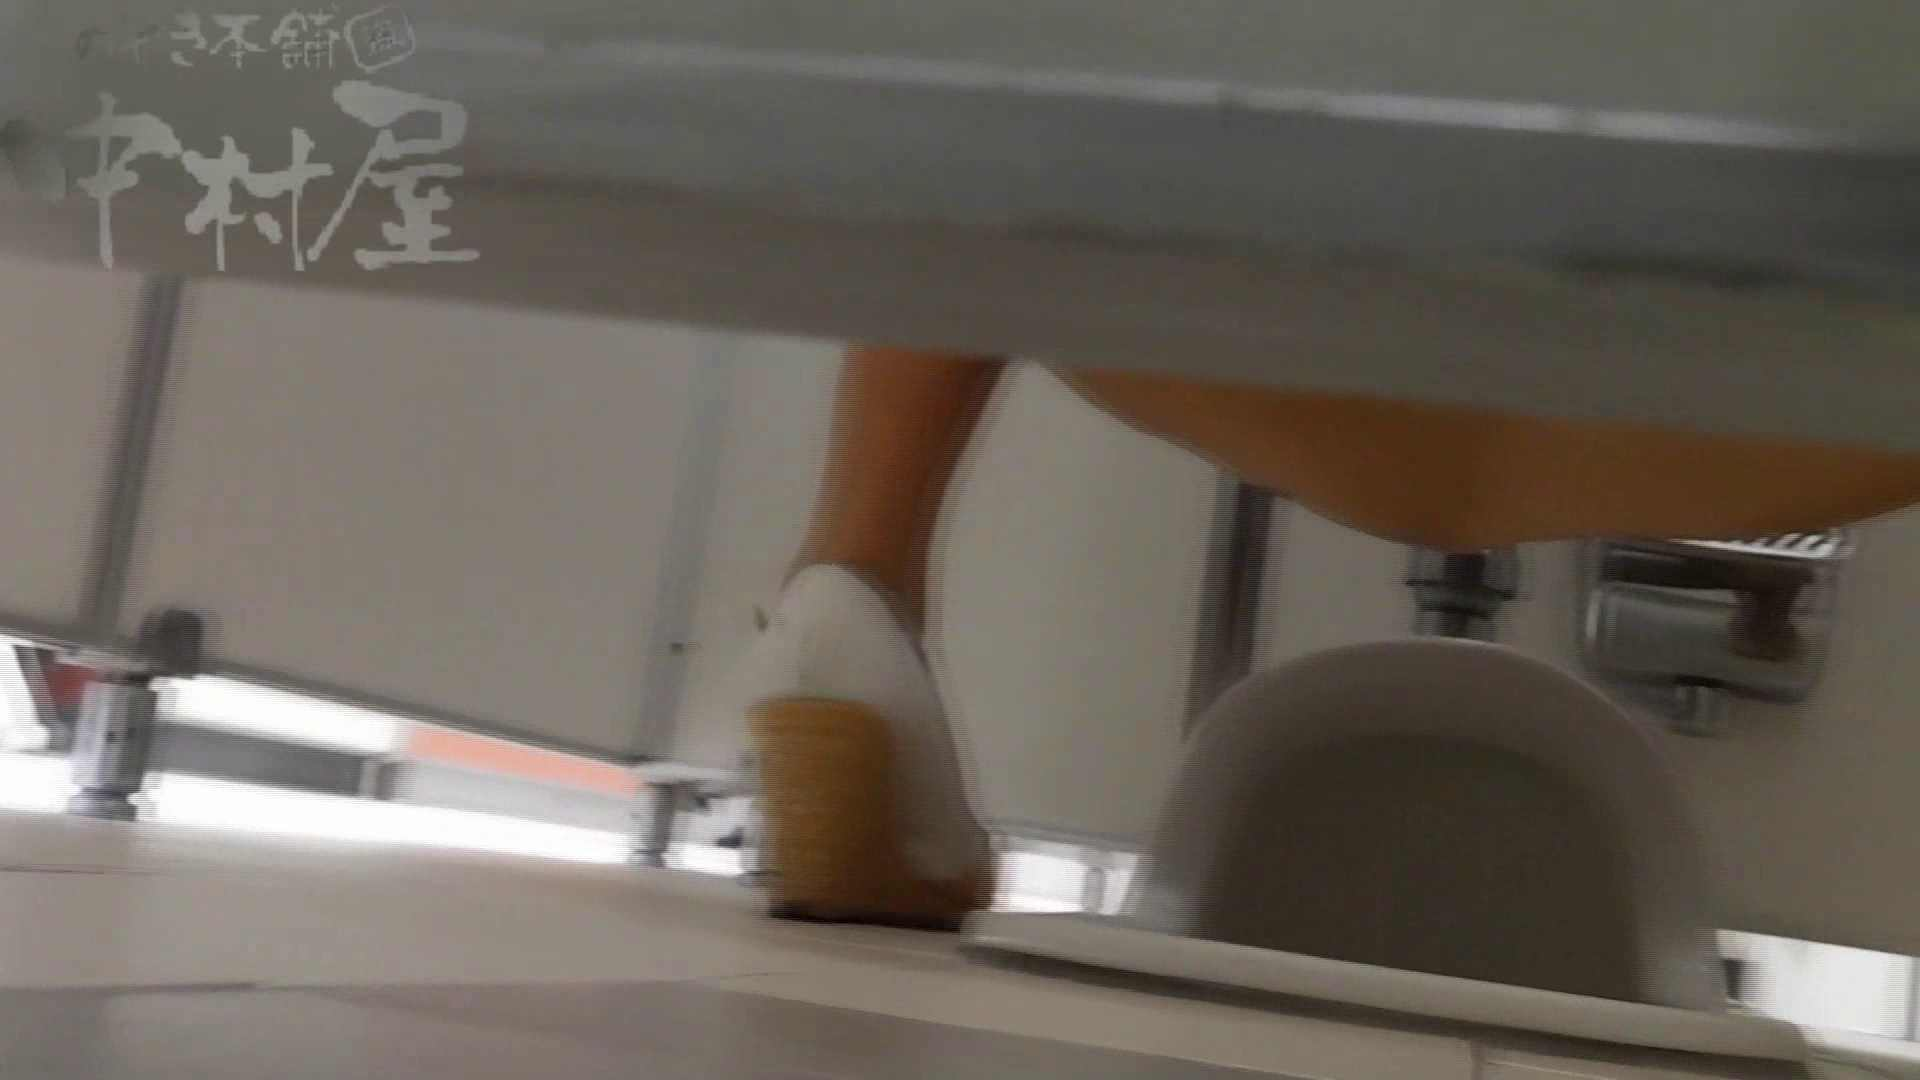 美しい日本の未来 No.34 緊迫!予告モデル撮ろうとしたら清掃員に遭遇 排泄編 ヌード画像 79PIX 26